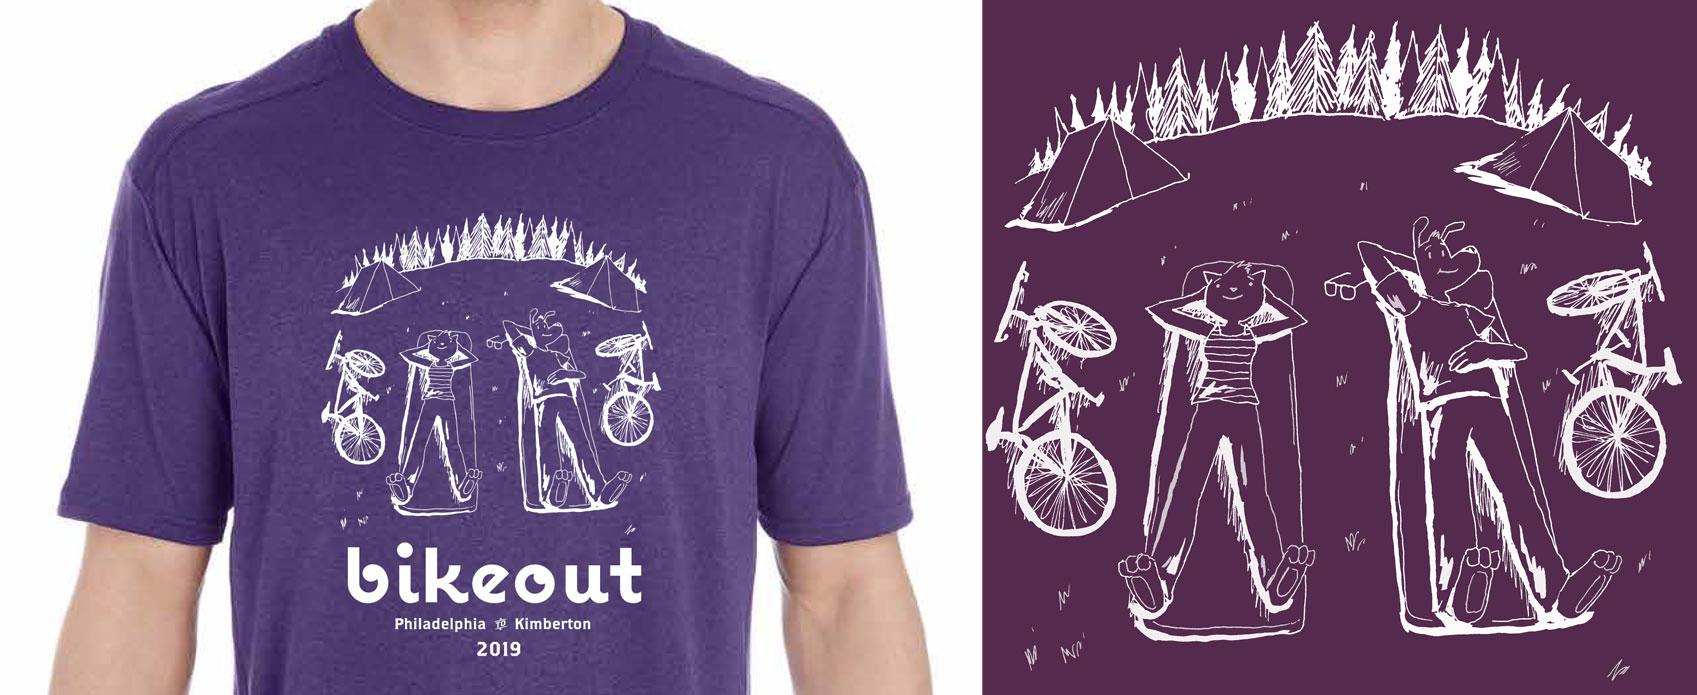 Bikeout T-shirt